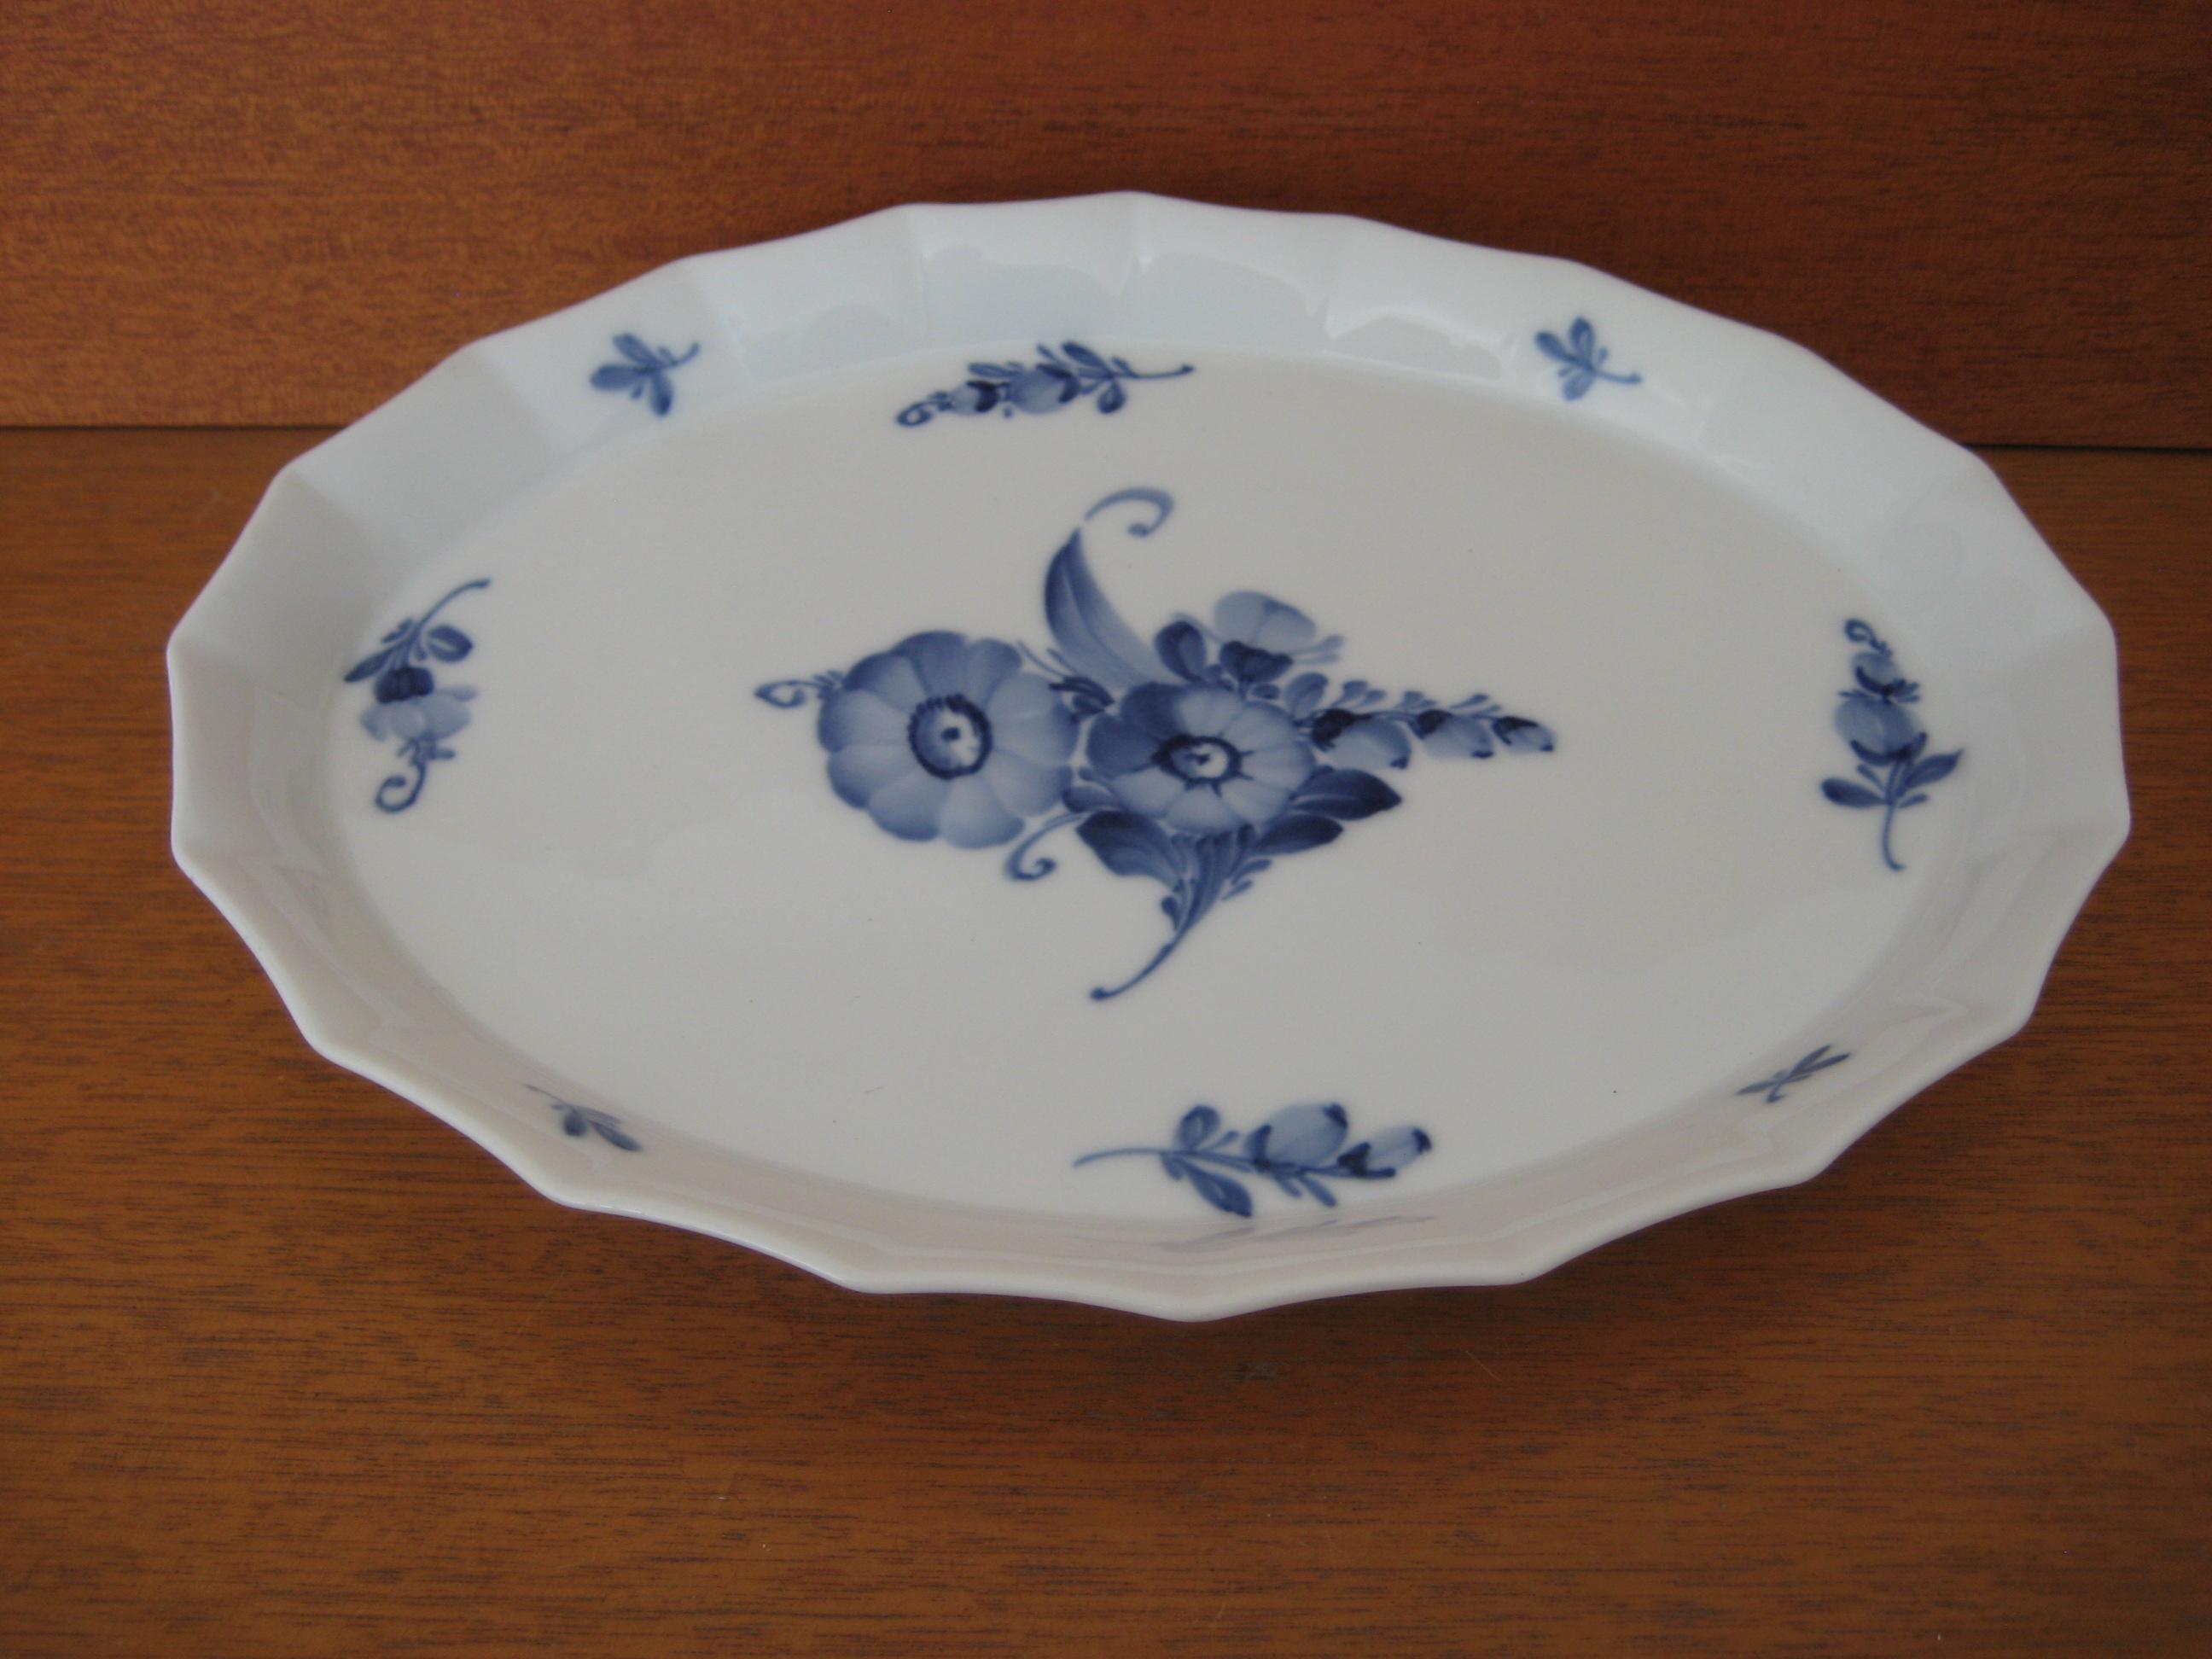 Blå Blomst kantet serveringsbakke